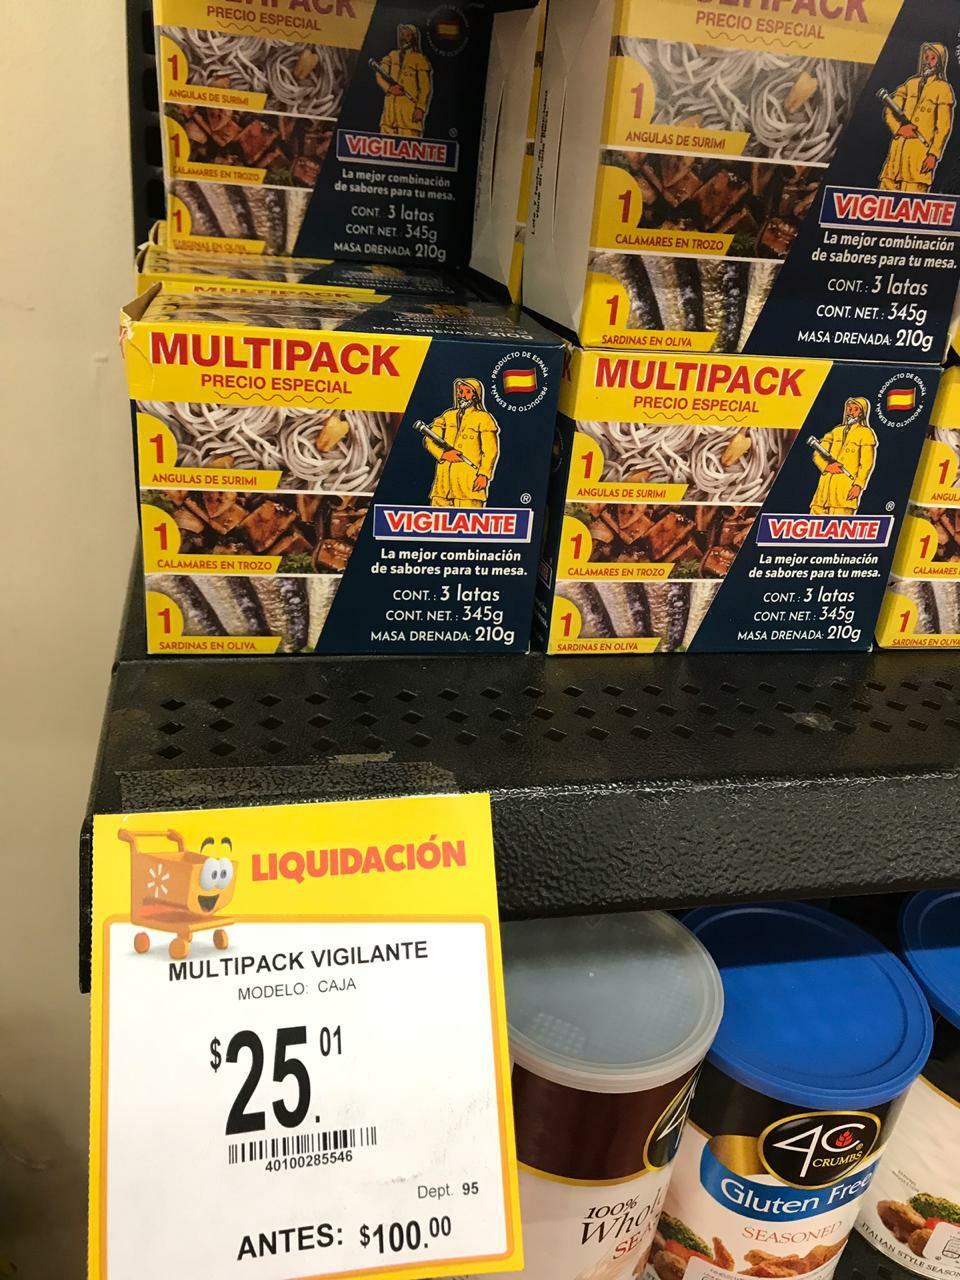 Walmart: MultiPack vigilante